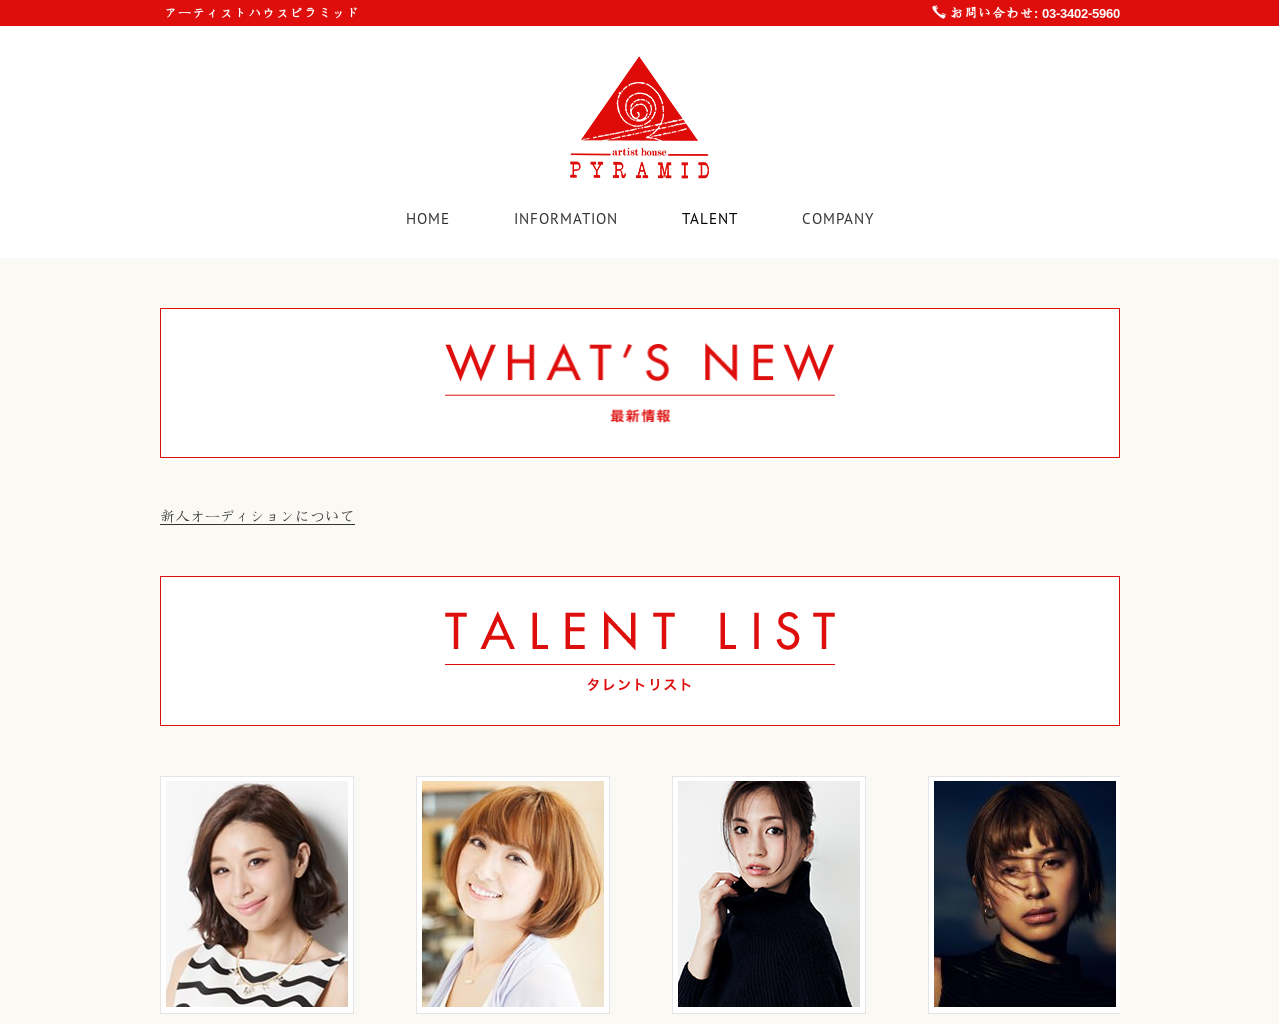 www.pyramid.tokyo(2018/01/12 12:40:40)